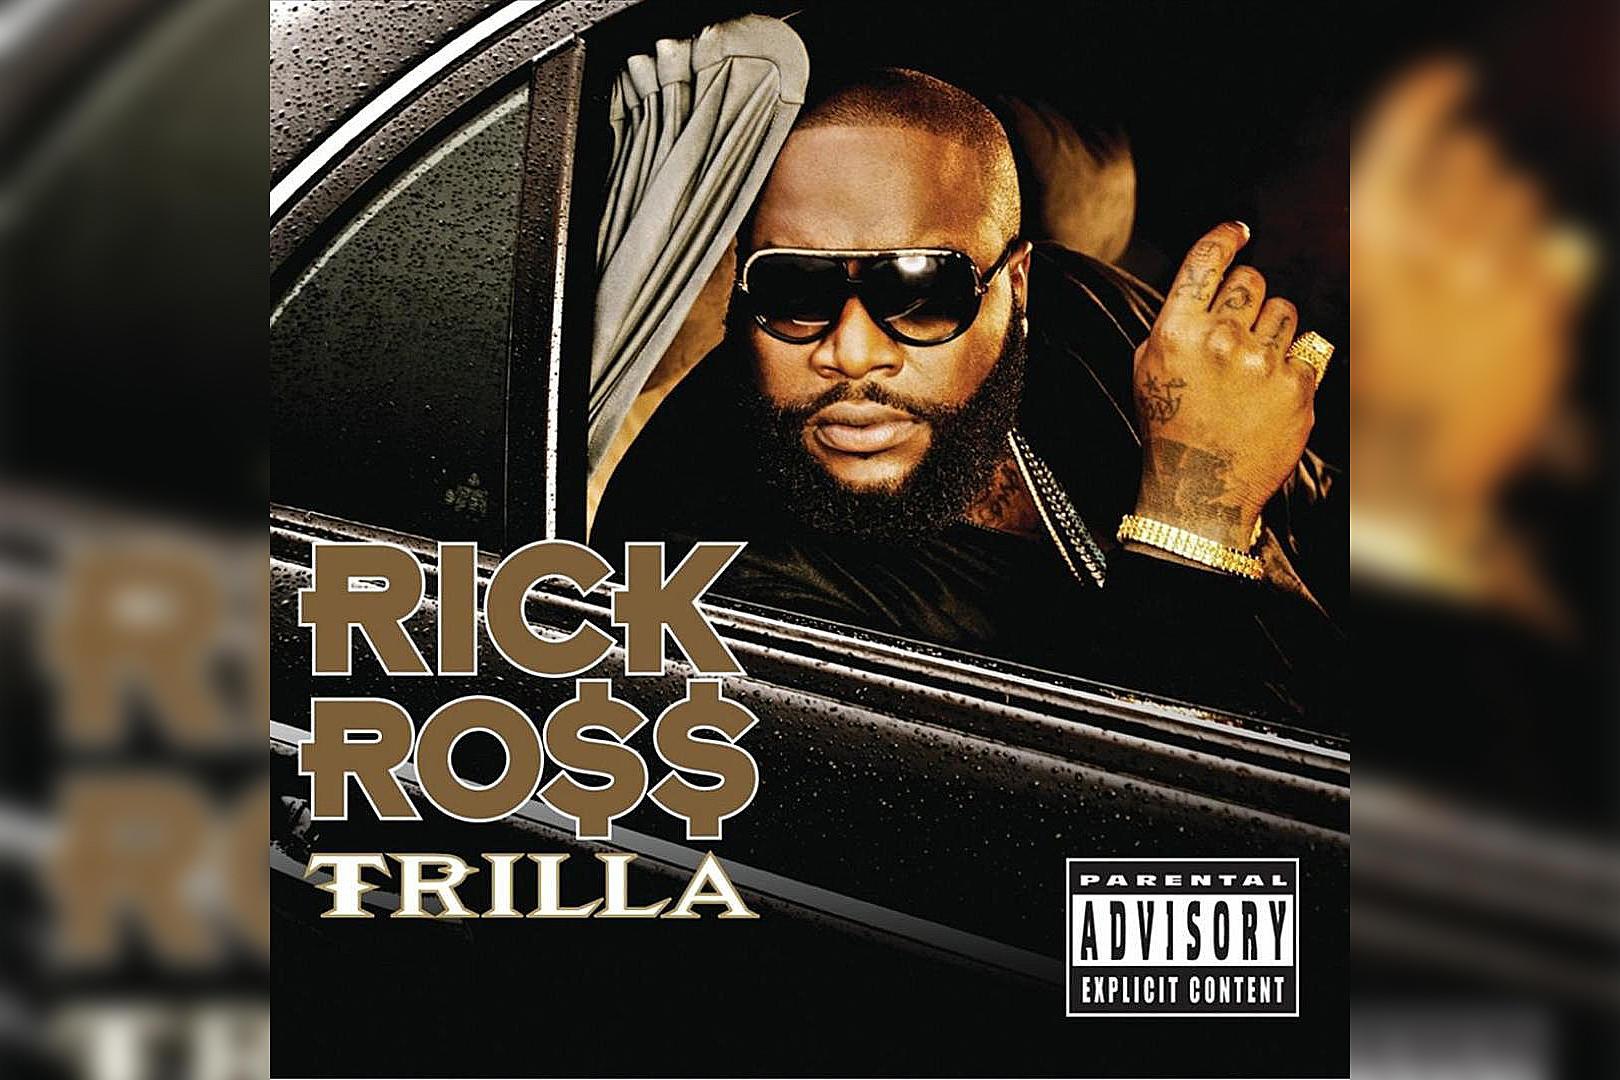 df3e32dc8807 Rick Ross Drops  Trilla  Album 11 Years Ago Today - XXL